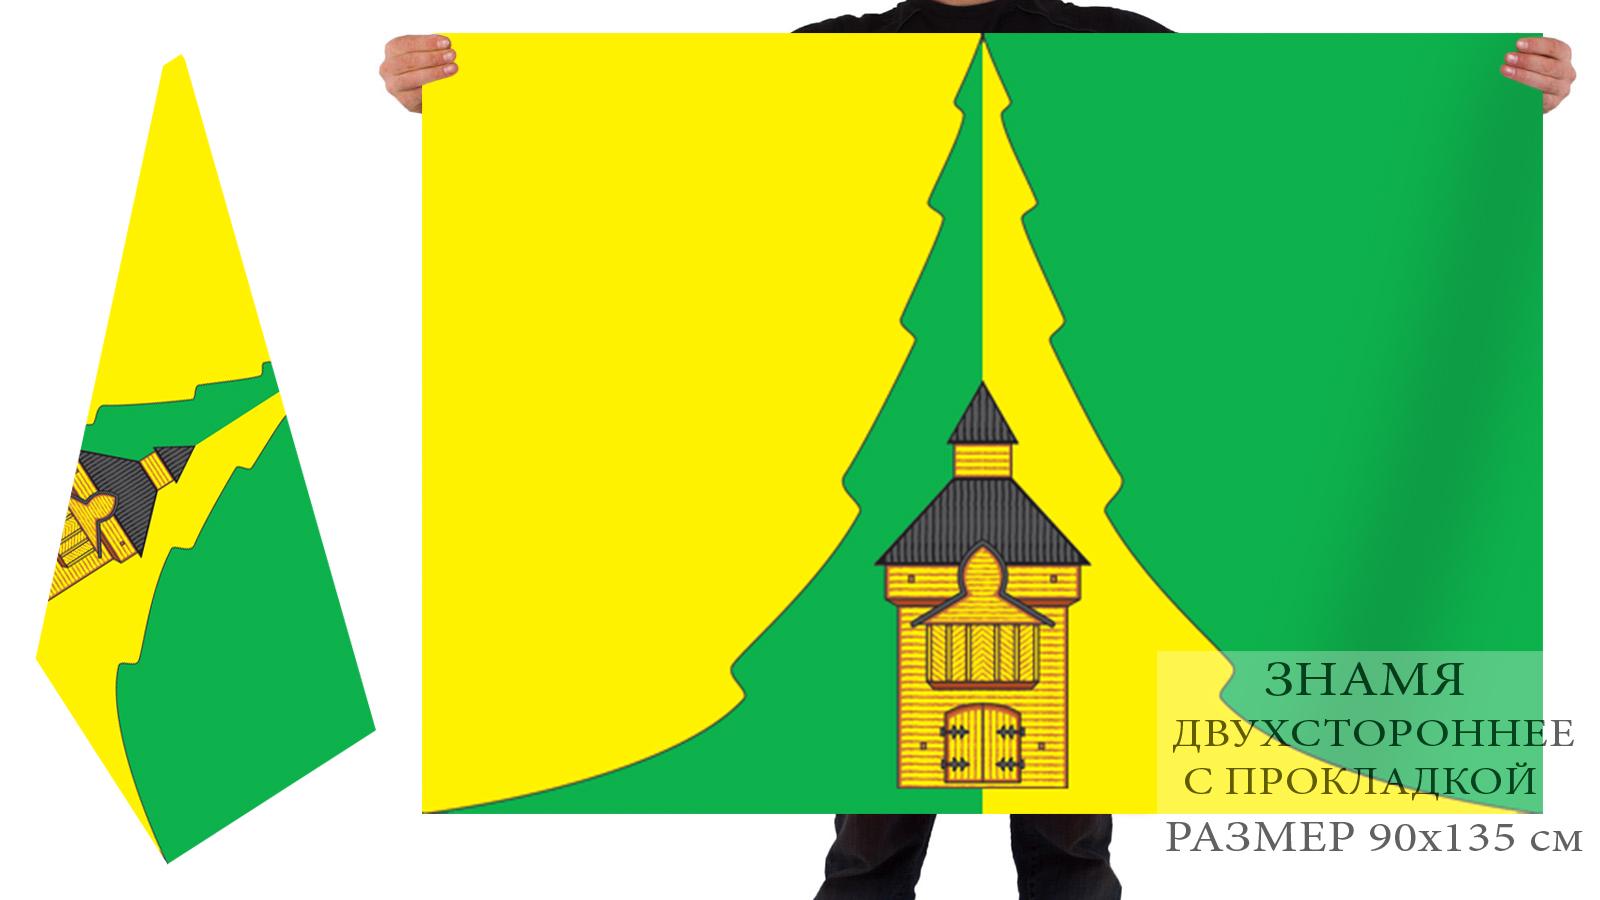 Купить флаг Нижнеилимского района